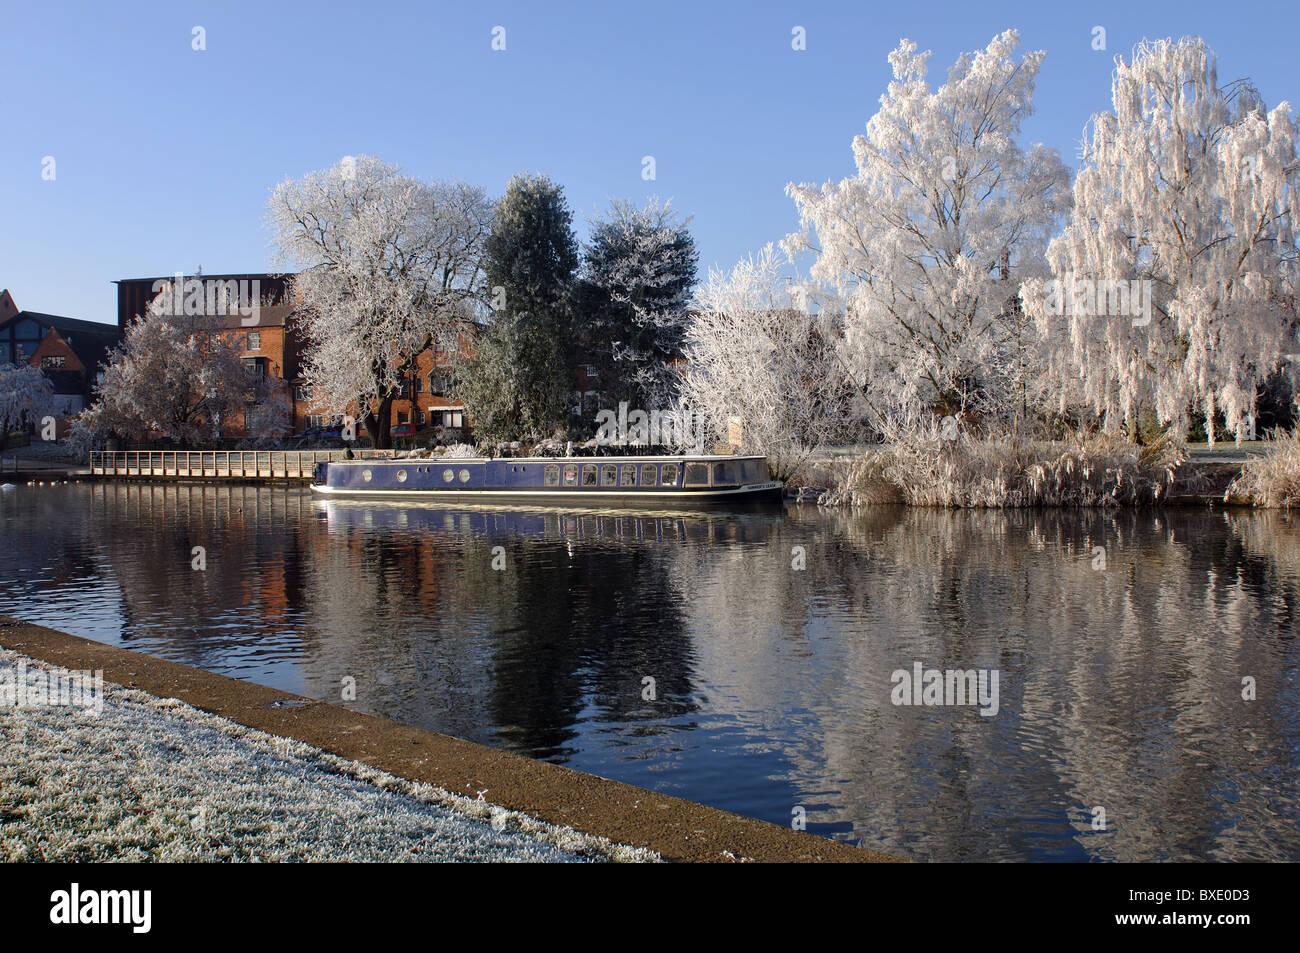 The River Avon in winter, Stratford-upon-Avon, UK - Stock Image